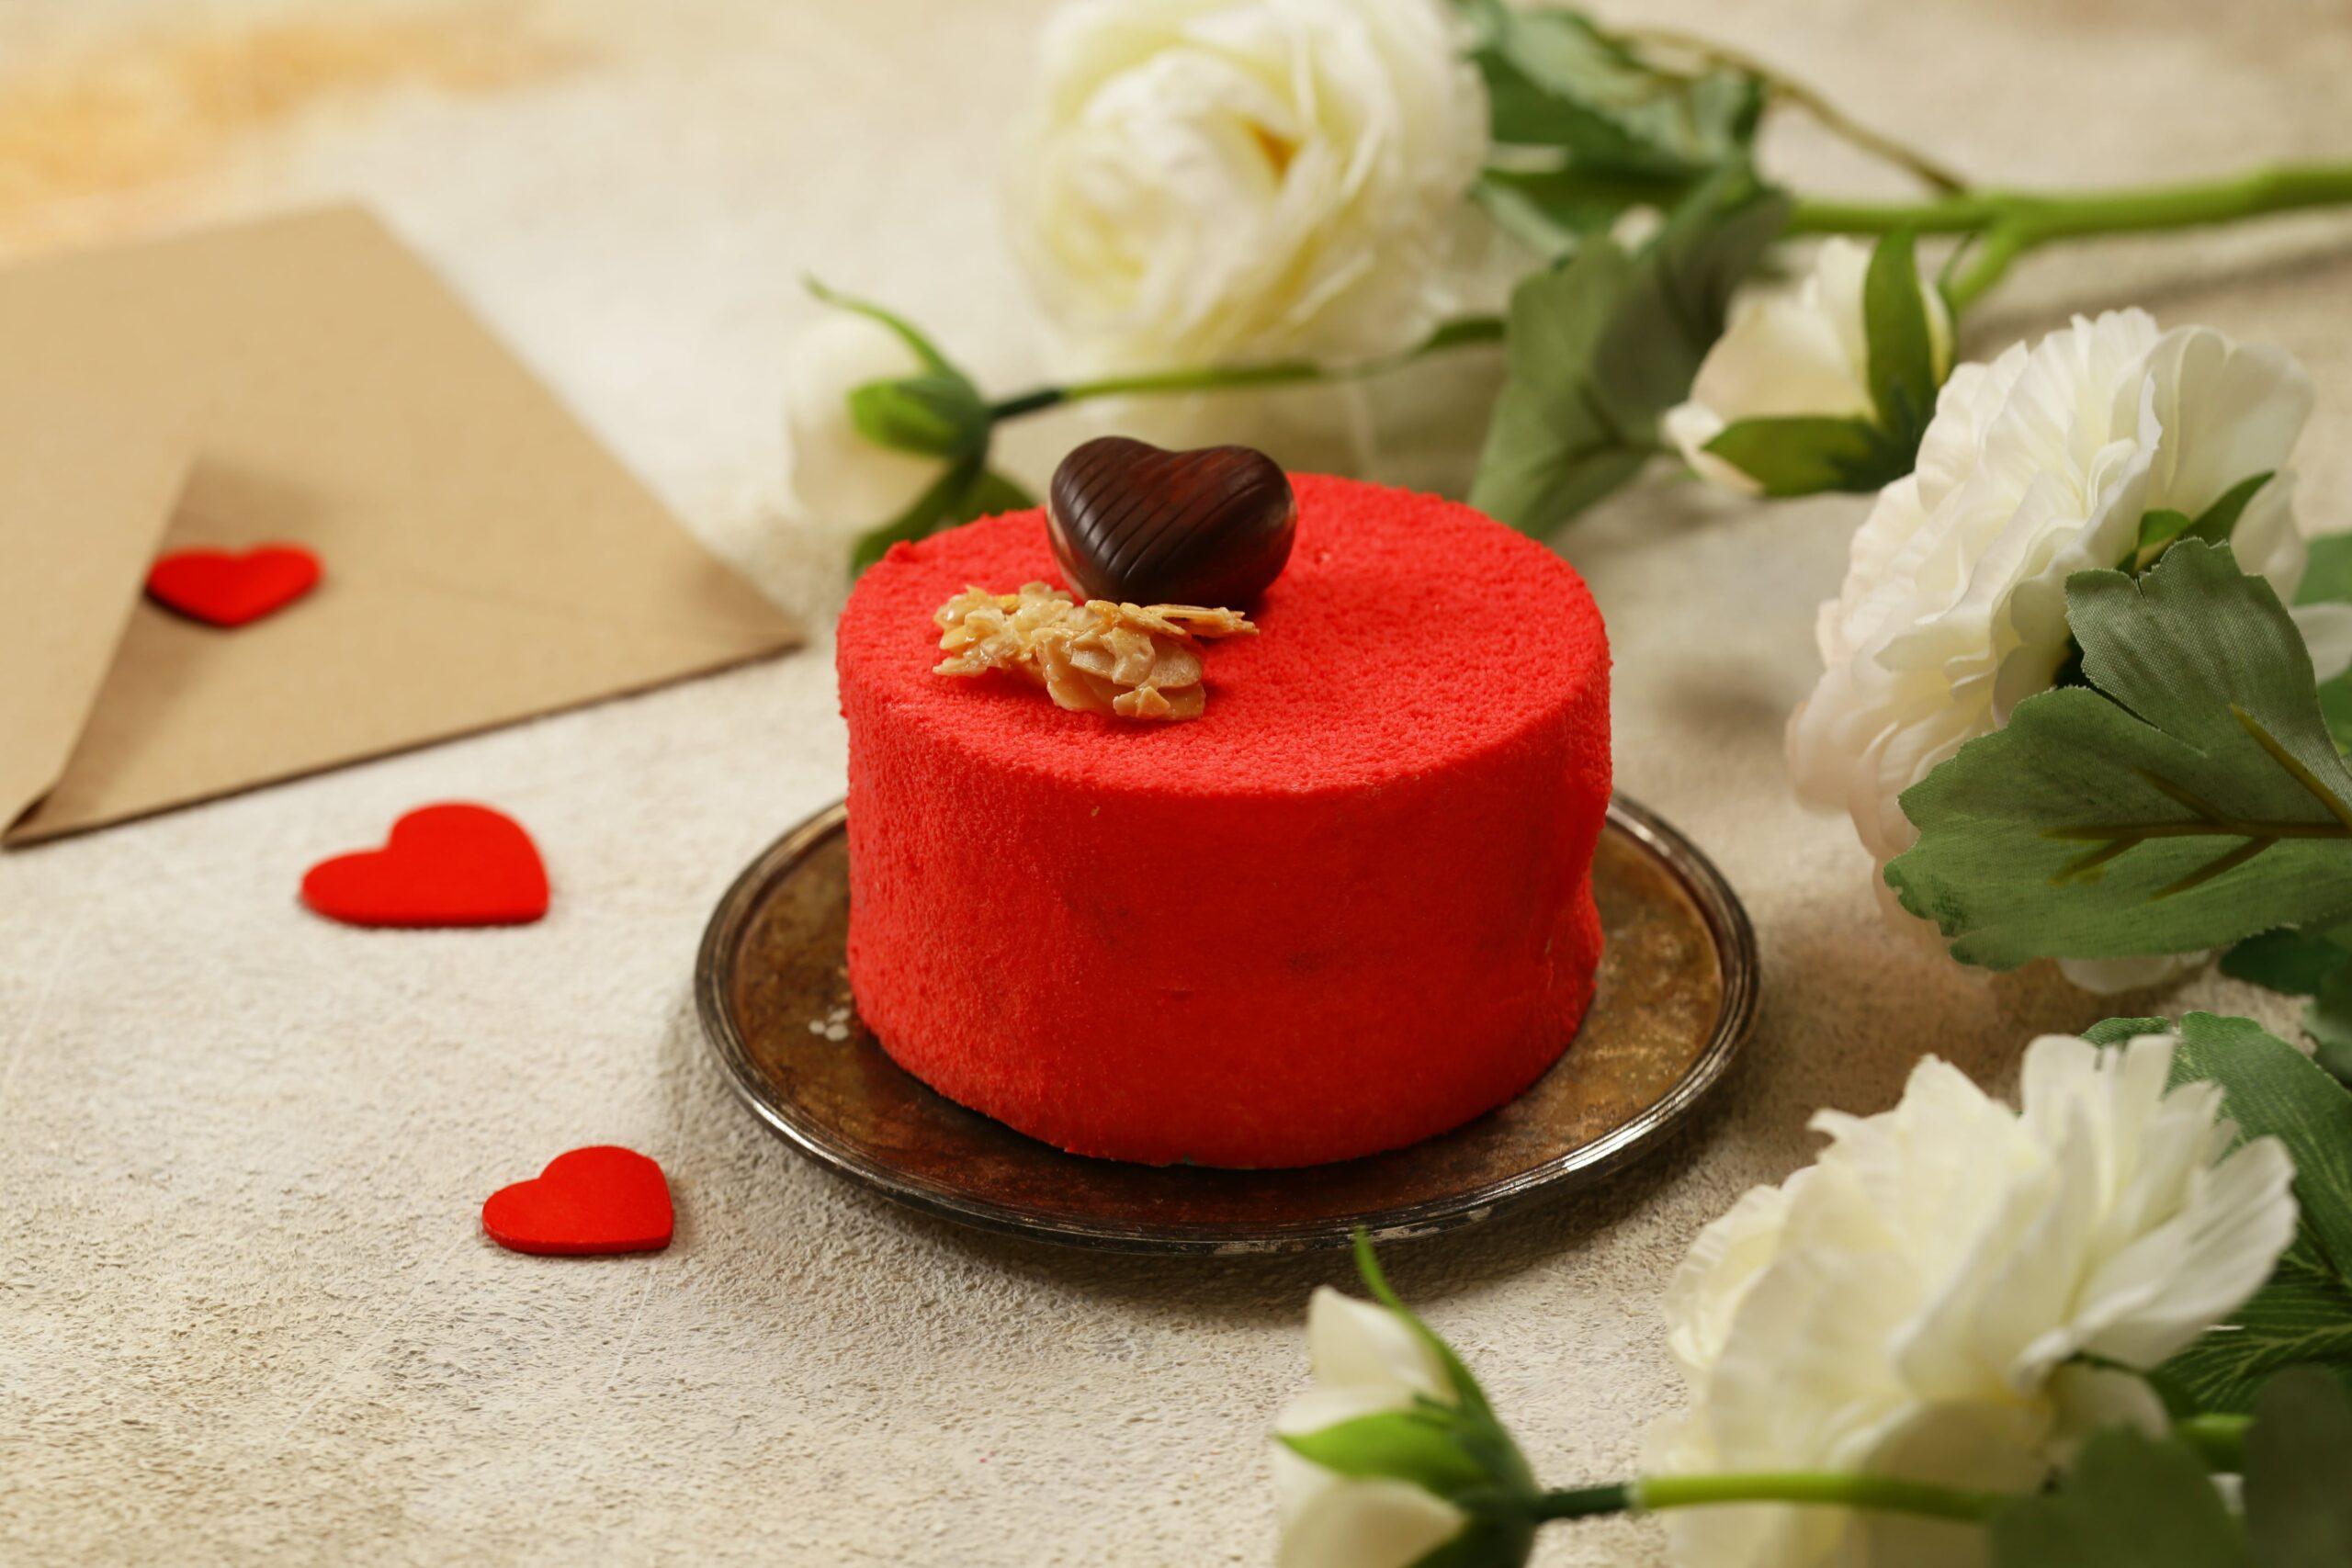 Red-velvet-cake-for-valentines-day-499P9JB-min